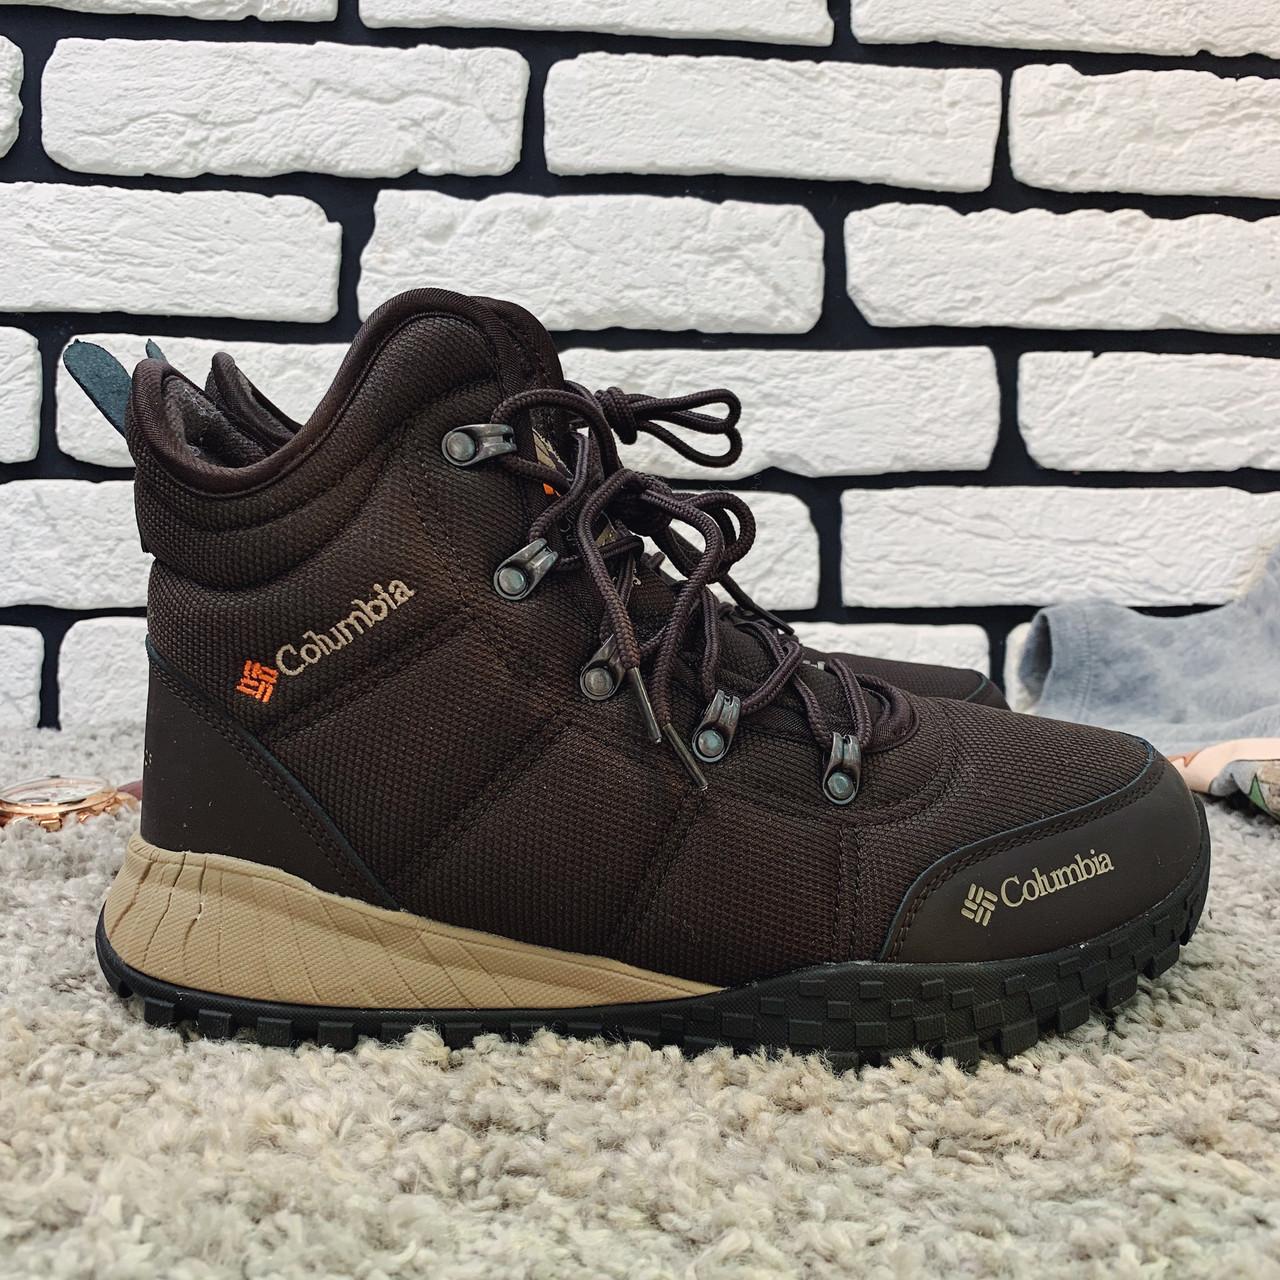 Зимние ботинки (на меху) Columbia  12-108 ⏩ [ 42,46]